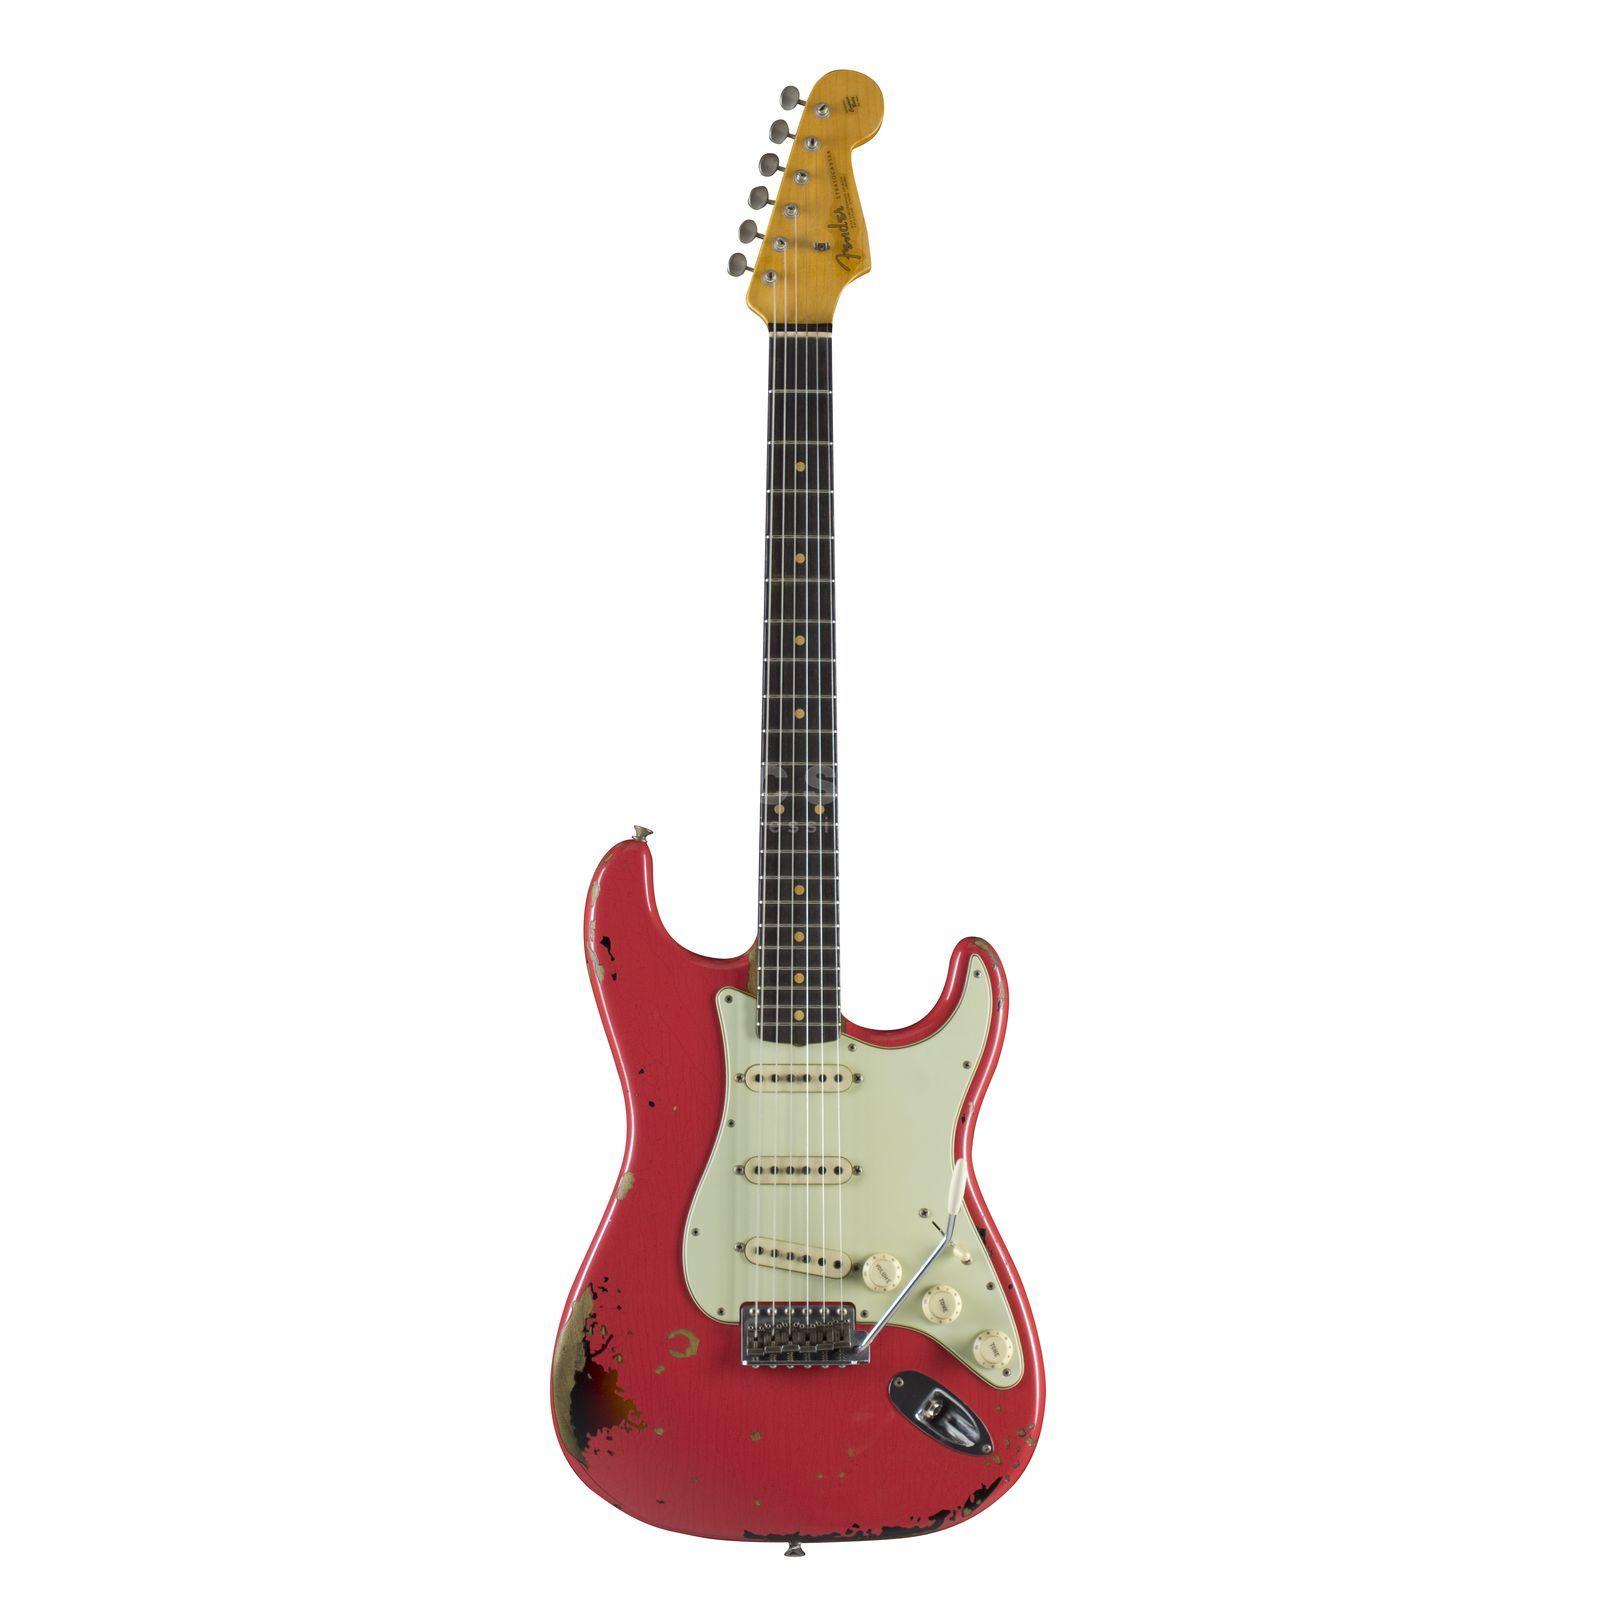 Fender 63 Strat Relic Michael Landau Signature Fiesta Red